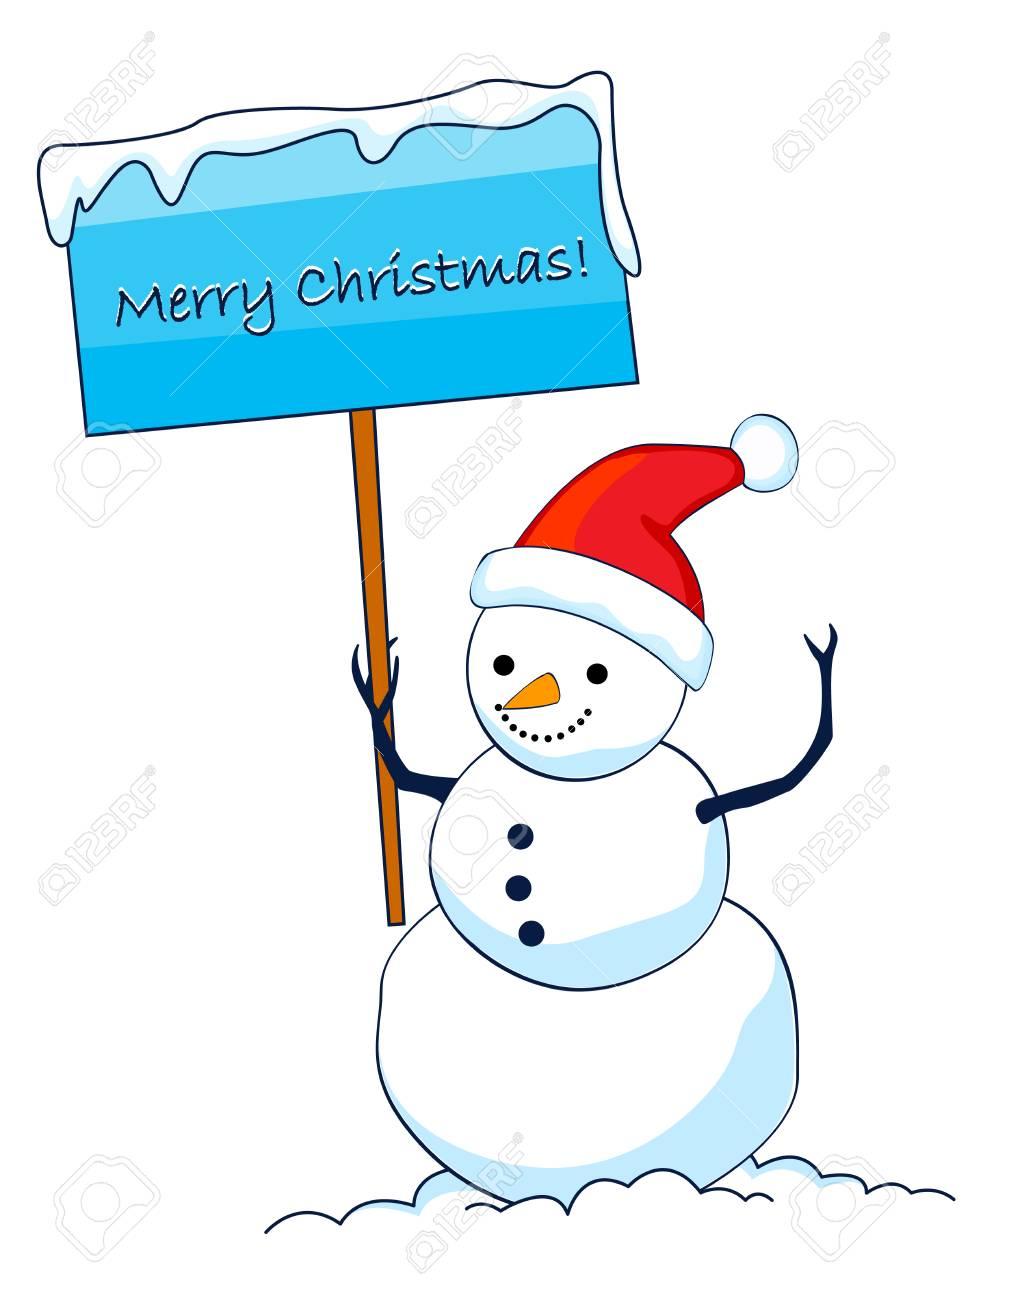 メリー クリスマス サイン ボードを押しサン ahat を着てかわいい